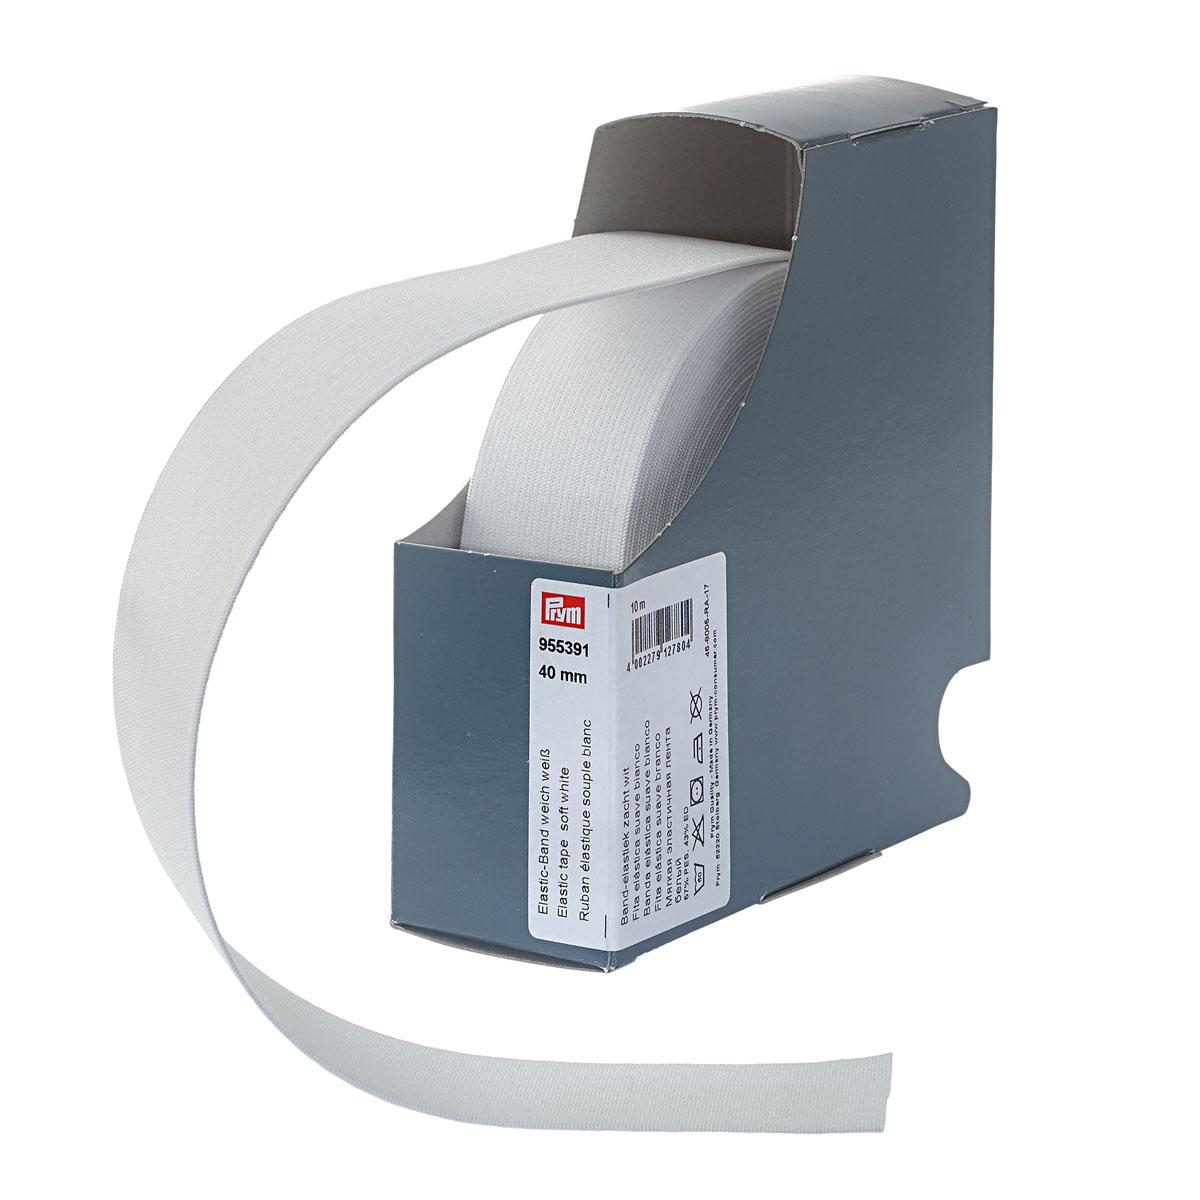 955391 Мягкая эластичная лента 40 мм белый цв. Prym